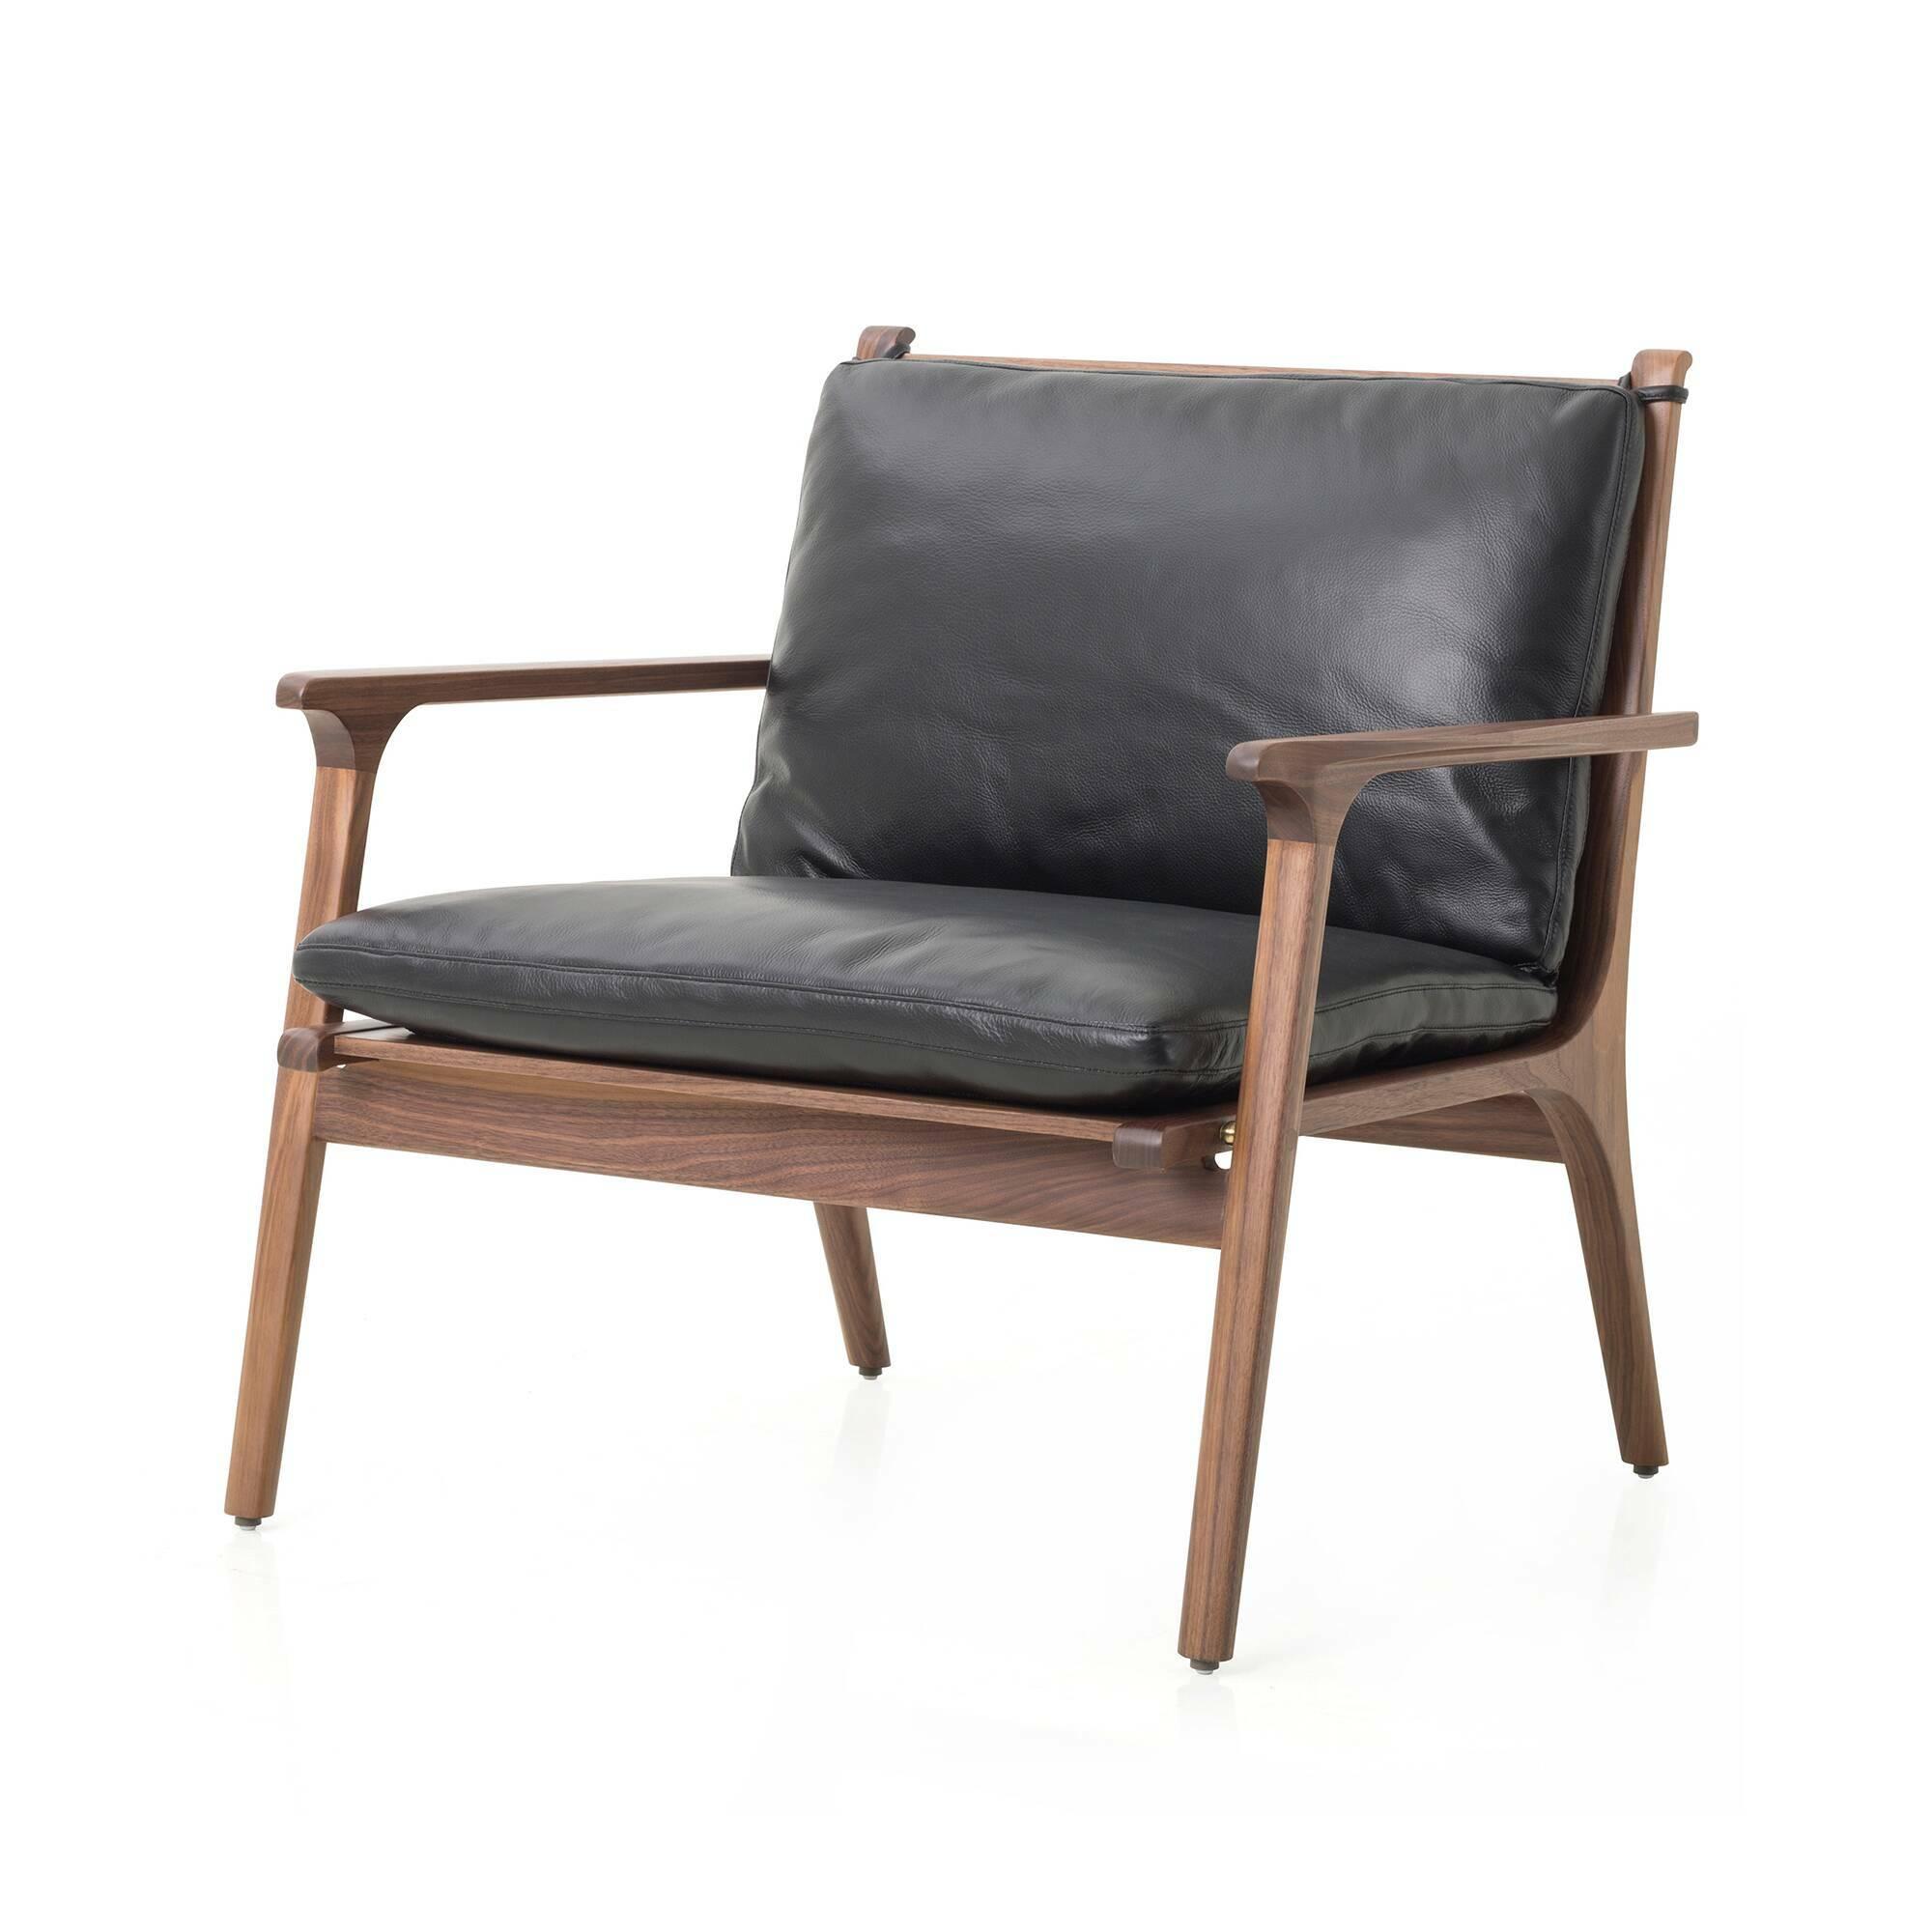 Кресло Ren широкое с кожаной обивкойИнтерьерные<br>Кресло Ren широкое с кожаной обивкой – это величественный дизайн классического жанра, объединенный с функциональным современным стилем. Прекрасно, когда удобно устроиться в кресле можно не только в уютной домашней гостиной комнате, но и в домашнем кабинете. Кресло Ren может отлично влиться в обстановку любой комнаты и поможет вам чувствовать себя удобно в любой ситуации.<br><br><br> Дизайнеры выбрали для этой модели лучшие материалы. Орех считается ценным деревом, он прочен и красив, а кожа пол...<br><br>stock: 0<br>Высота: 78<br>Высота сиденья: 38.5<br>Ширина: 79.4<br>Глубина: 71.2<br>Материал каркаса: Массив ореха<br>Тип материала каркаса: Дерево<br>Тип материала обивки: Кожа<br>Цвет обивки: Черный<br>Цвет каркаса: Орех